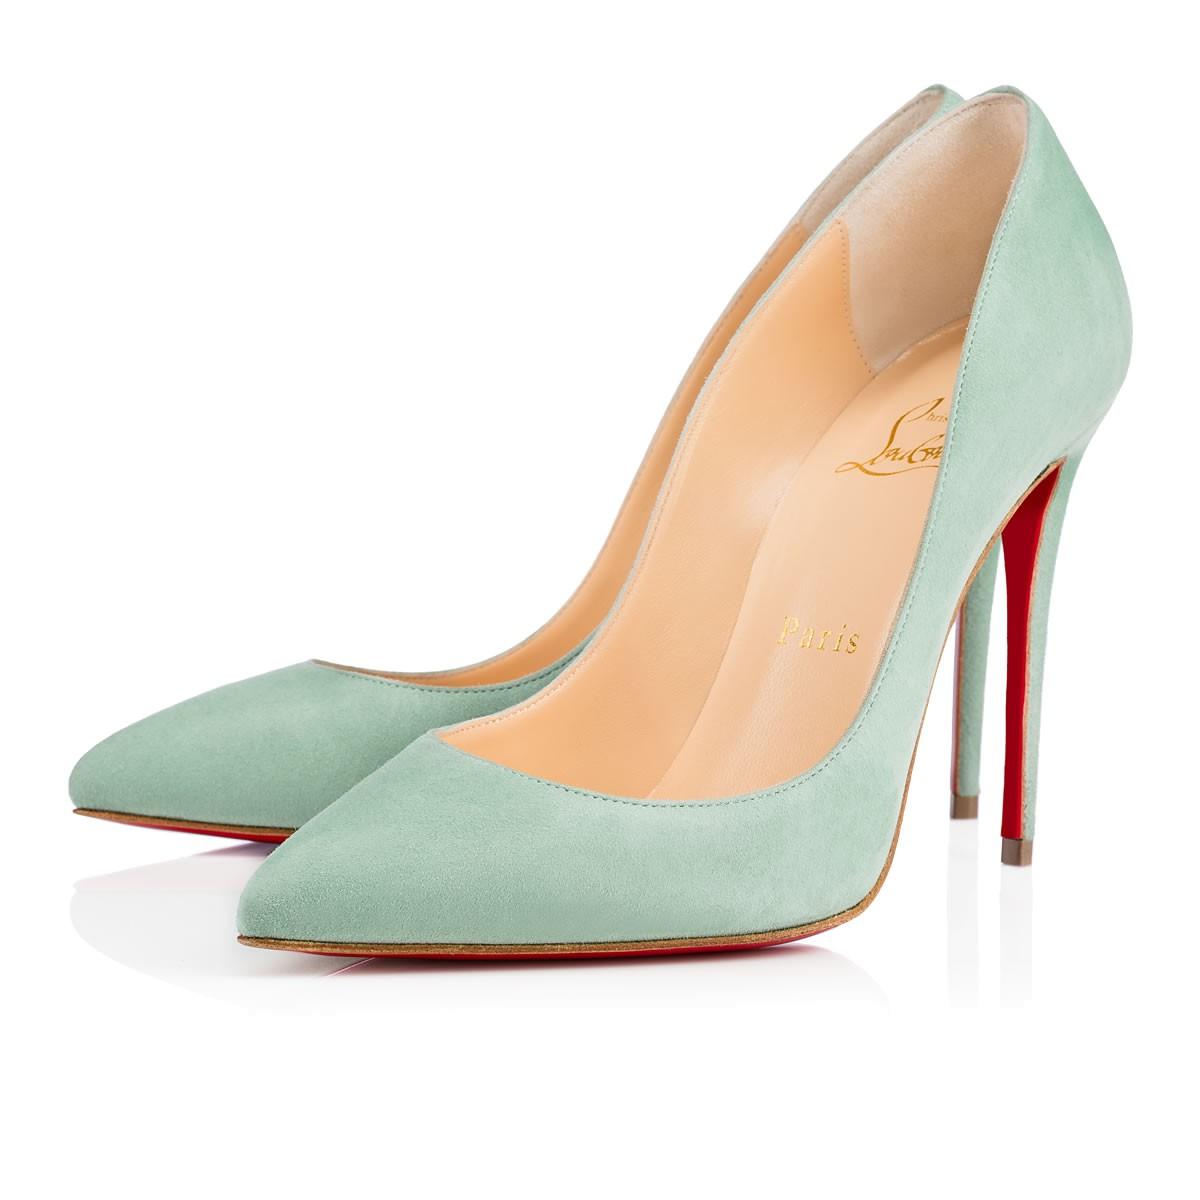 Голубые туфли лабутены, модель Pigalle Follies